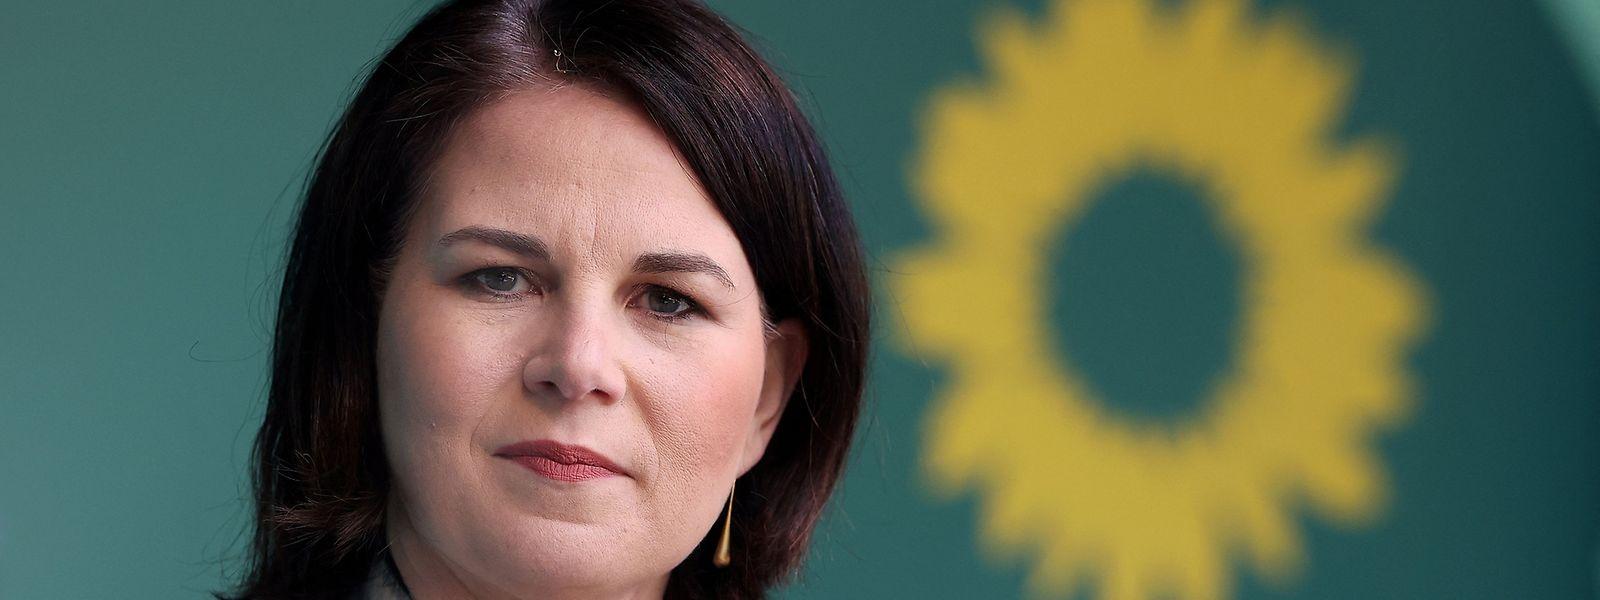 Kanzlerkandidatin Annalena Baerbock muss im Vorfeld des Grünen-Parteitags mit Kritik an ihrer Person umgehen.